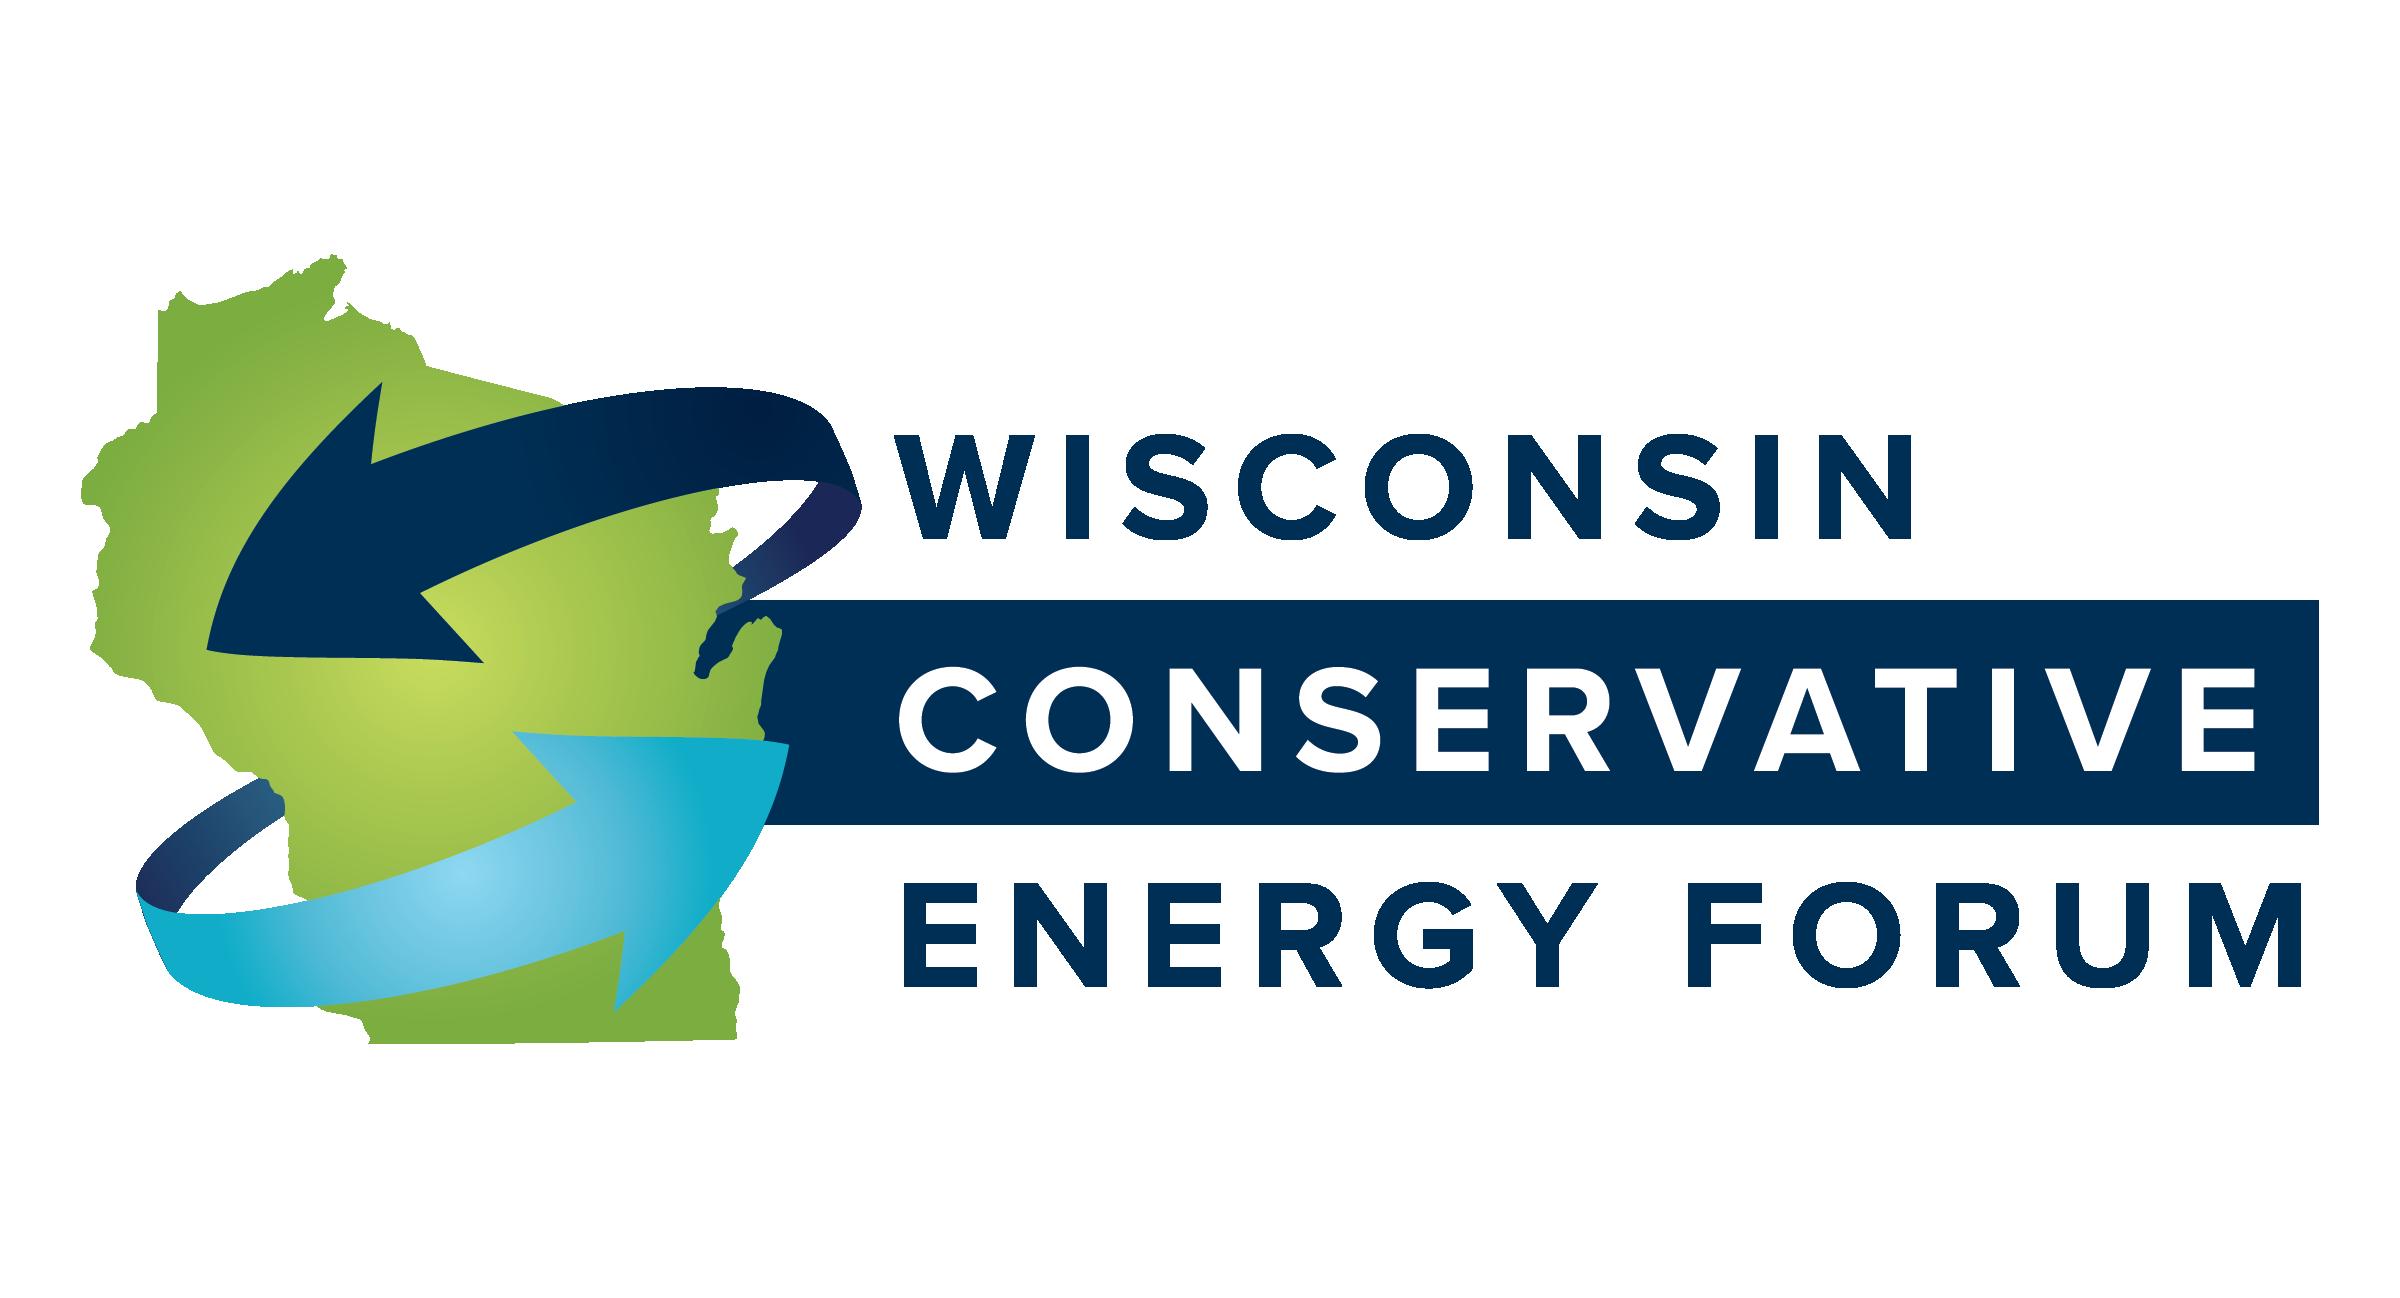 WCEF-logo-01 - Copy.png